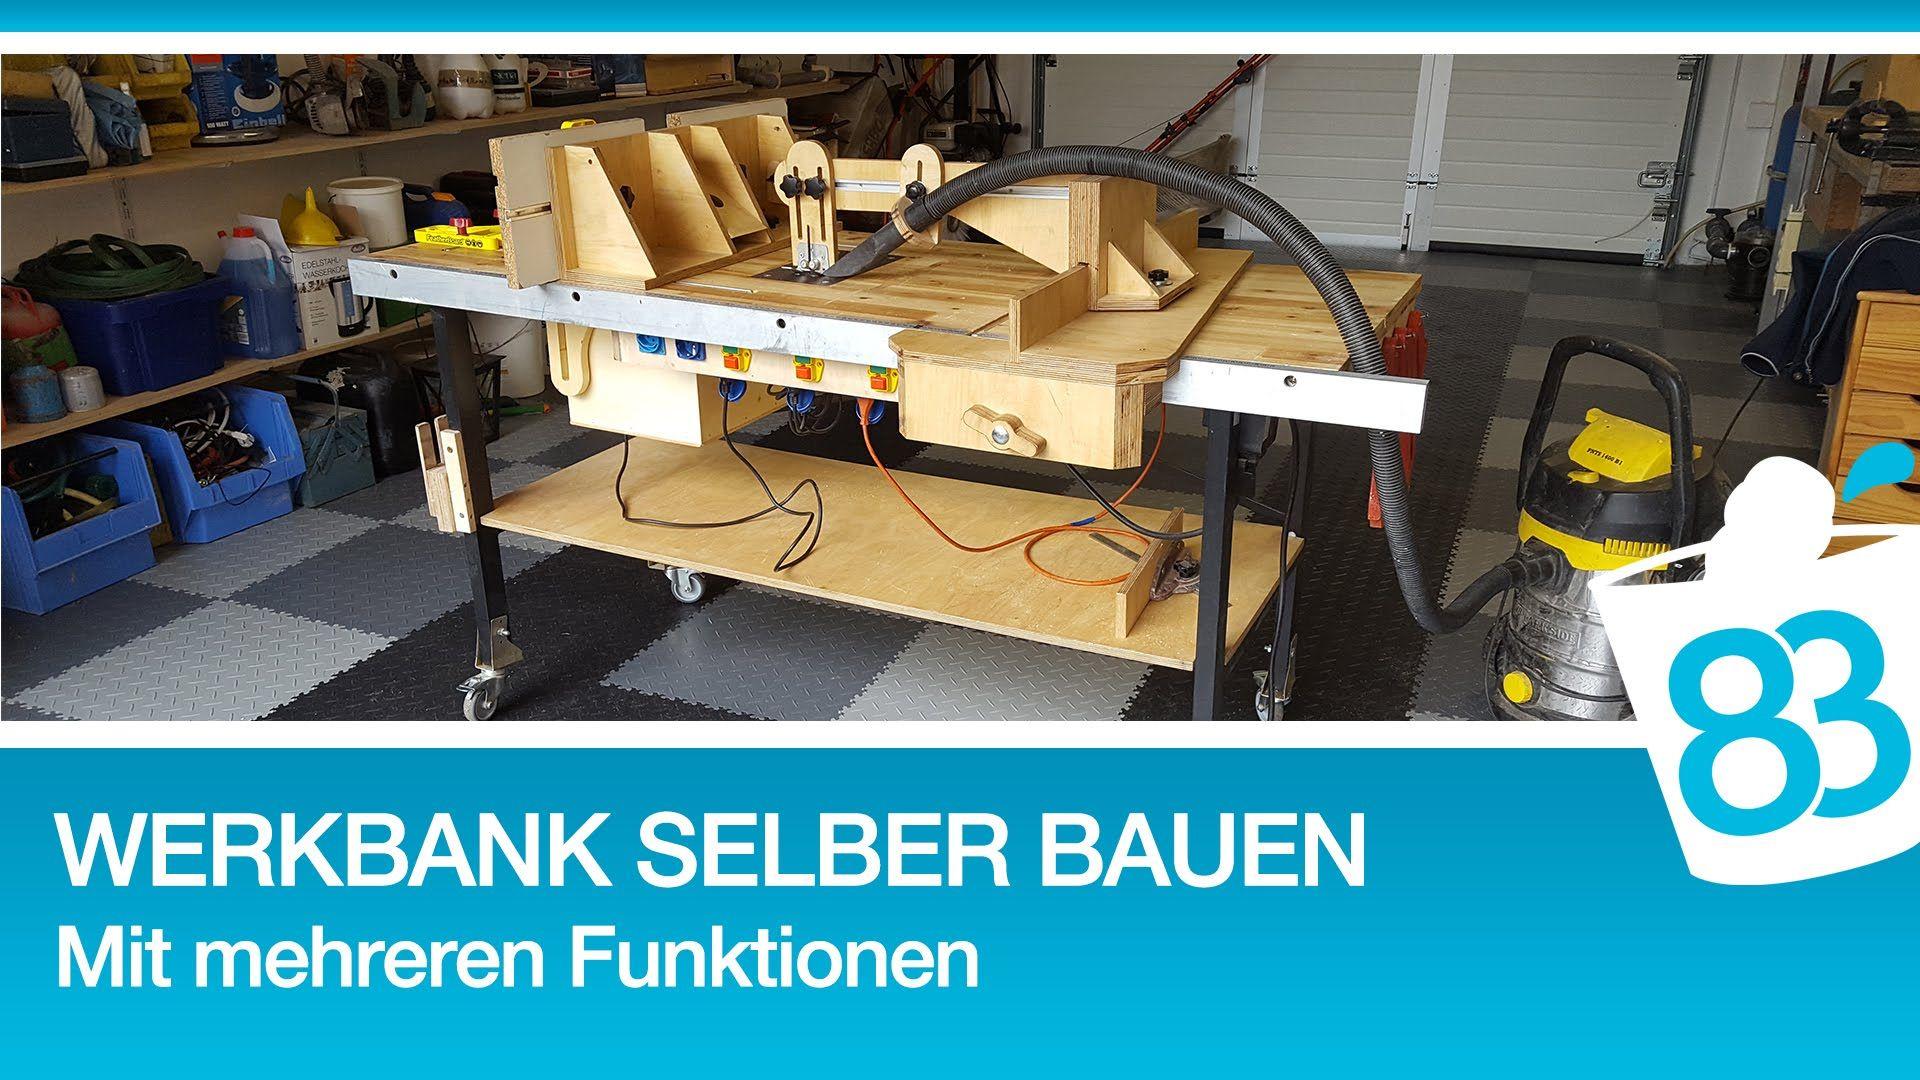 Werkbank selber bauen Eigenbau Tischkreissäge Stichsä isch Oberfräse in Werkbank einbauen